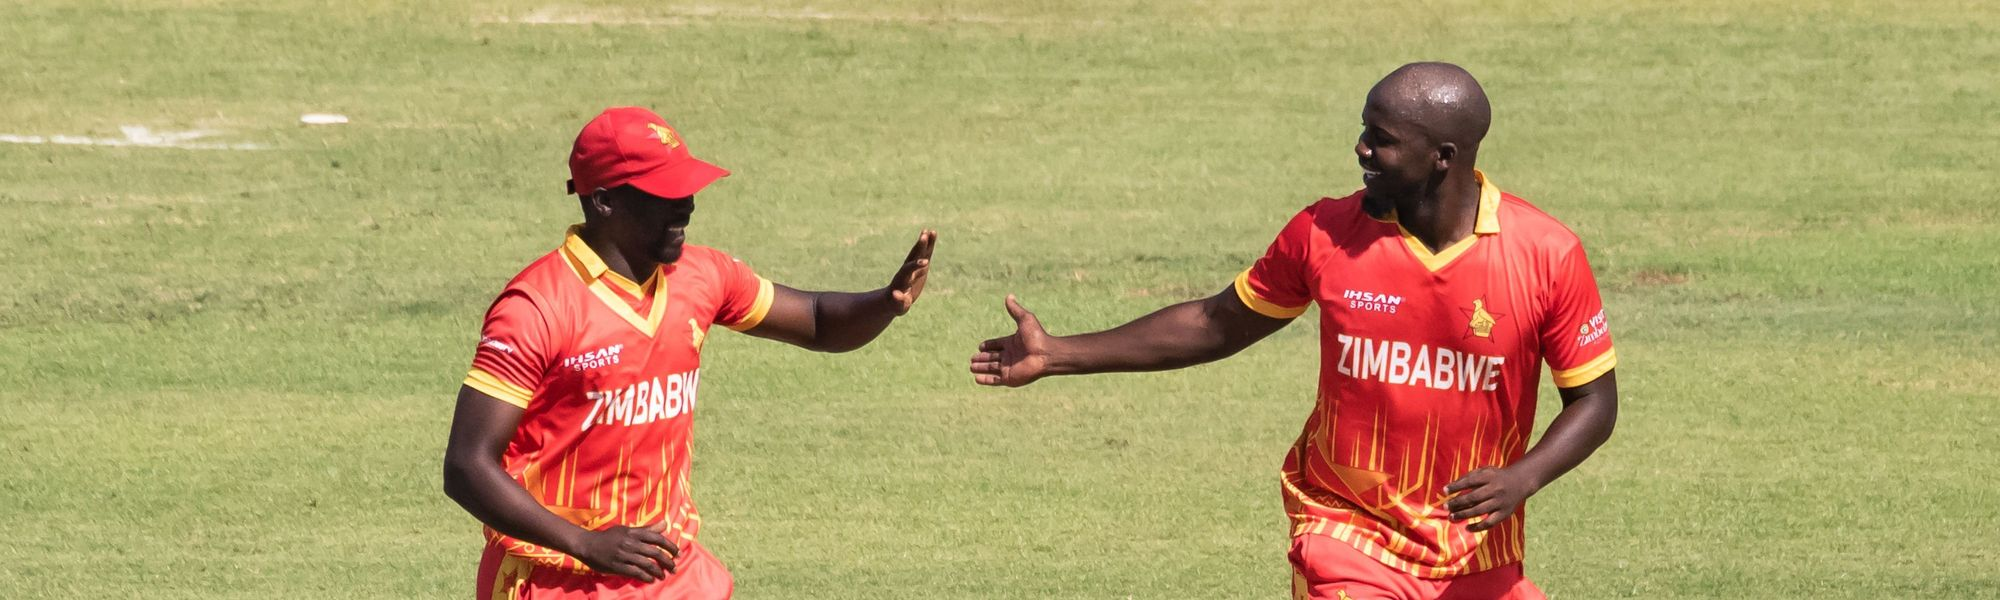 Zimbabwe v Pak, 2nd T20I